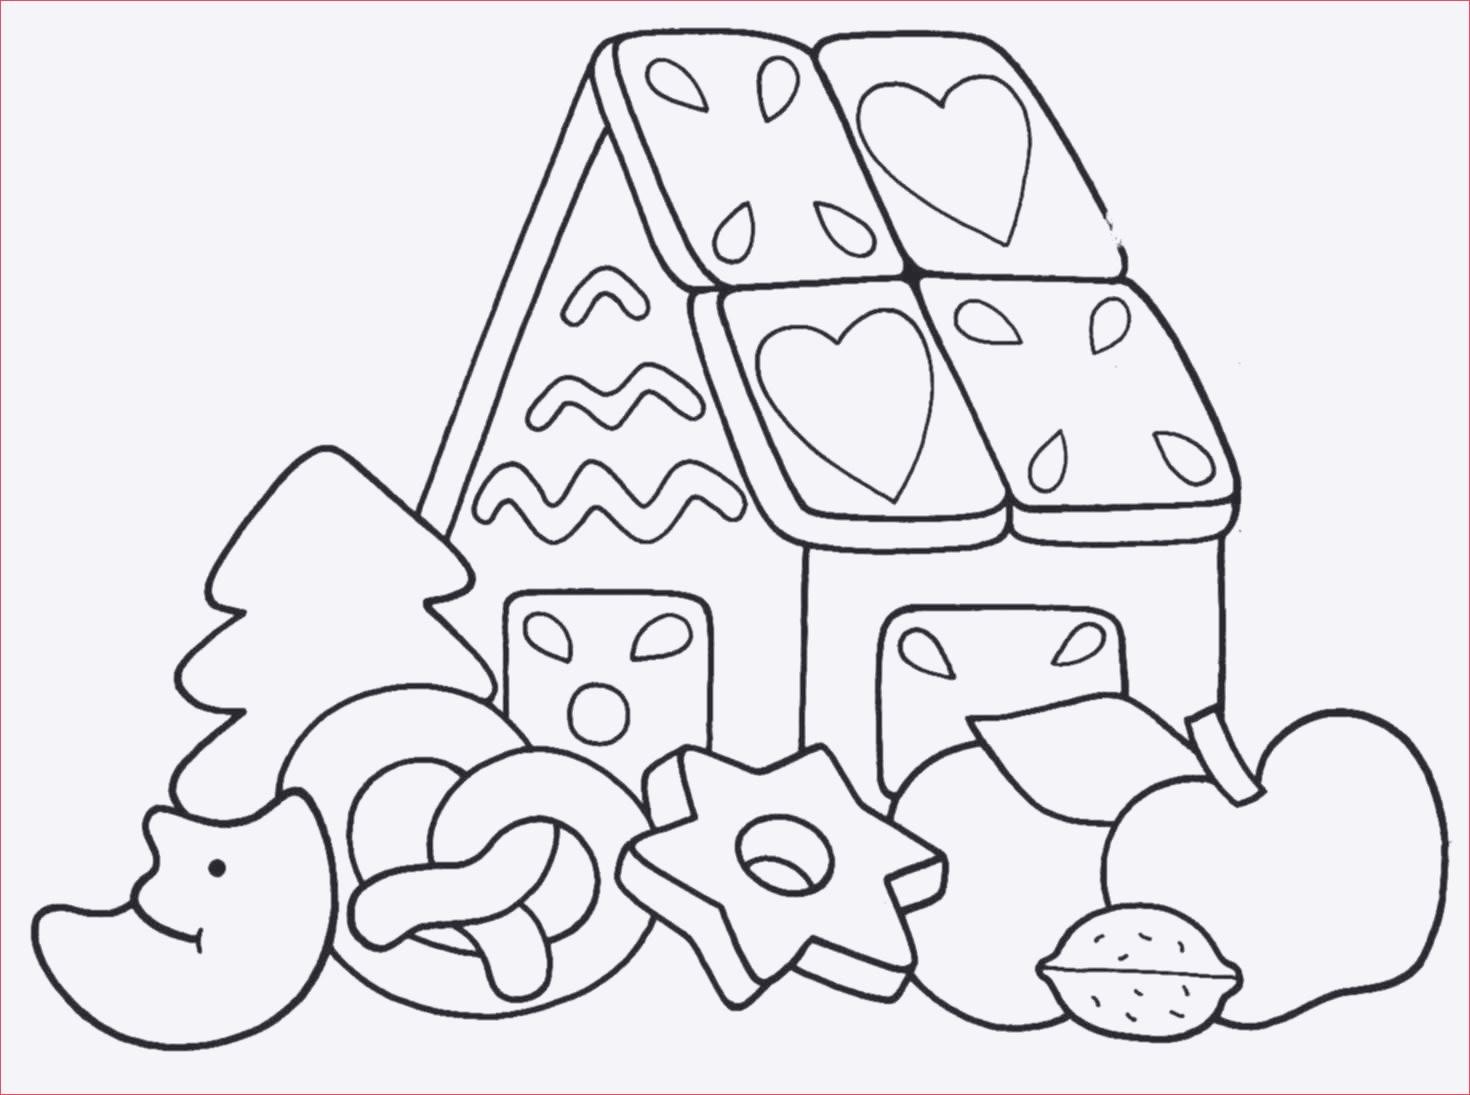 Ausmalbilder Für Kinder Das Beste Von Ausmalbilder Für Erwachsene Zum Ausdrucken Vorstellung Sammlung